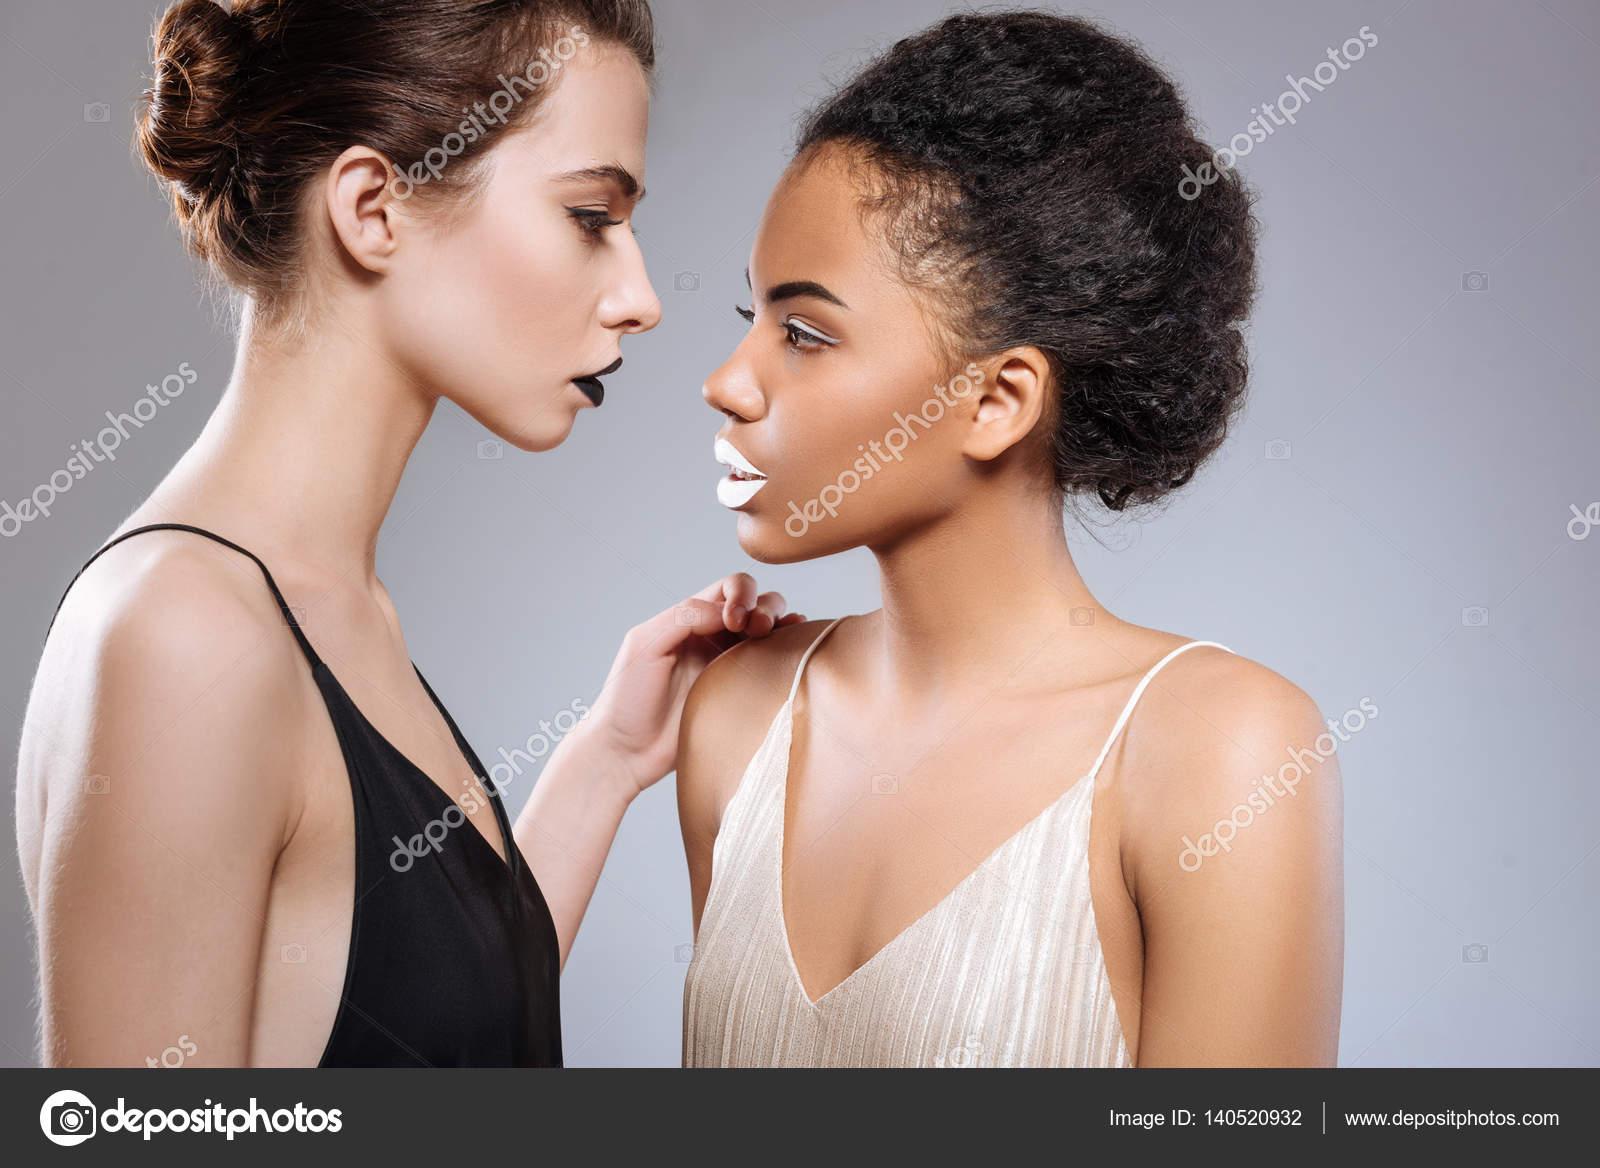 Λεσβιακό σαγηνεύει νεαρά κορίτσια